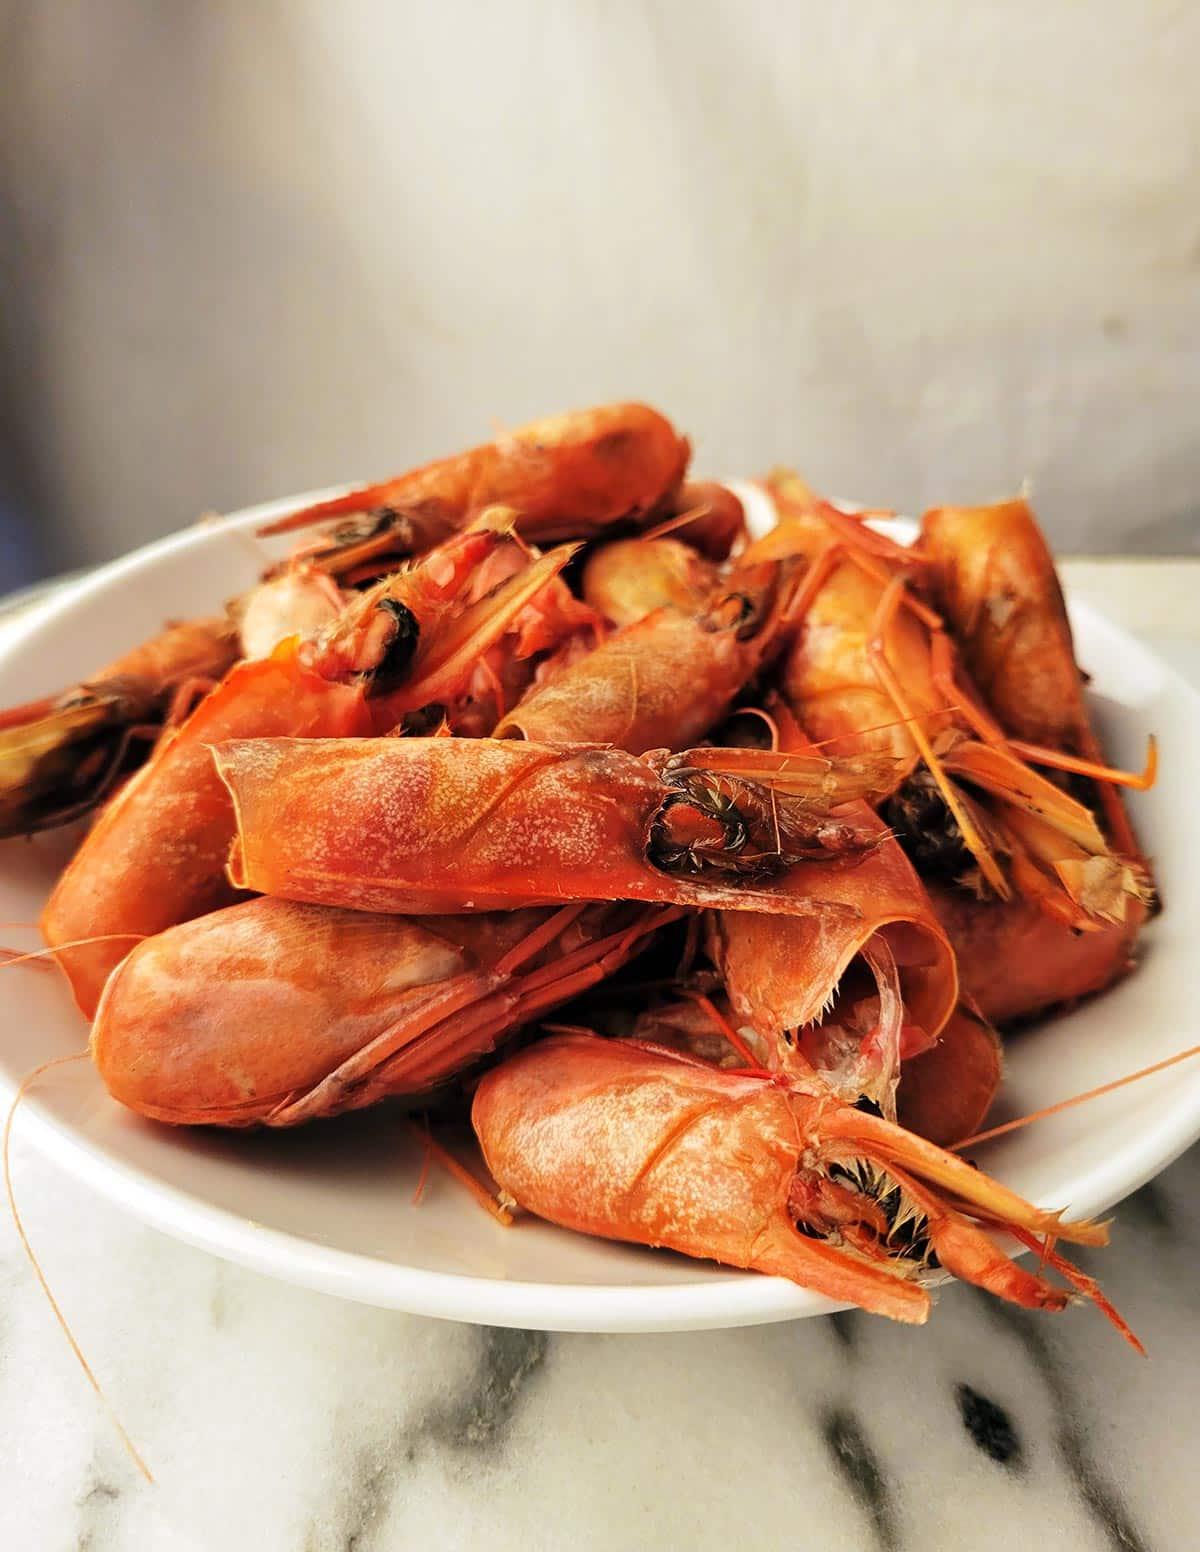 Shrimp heads for making stock